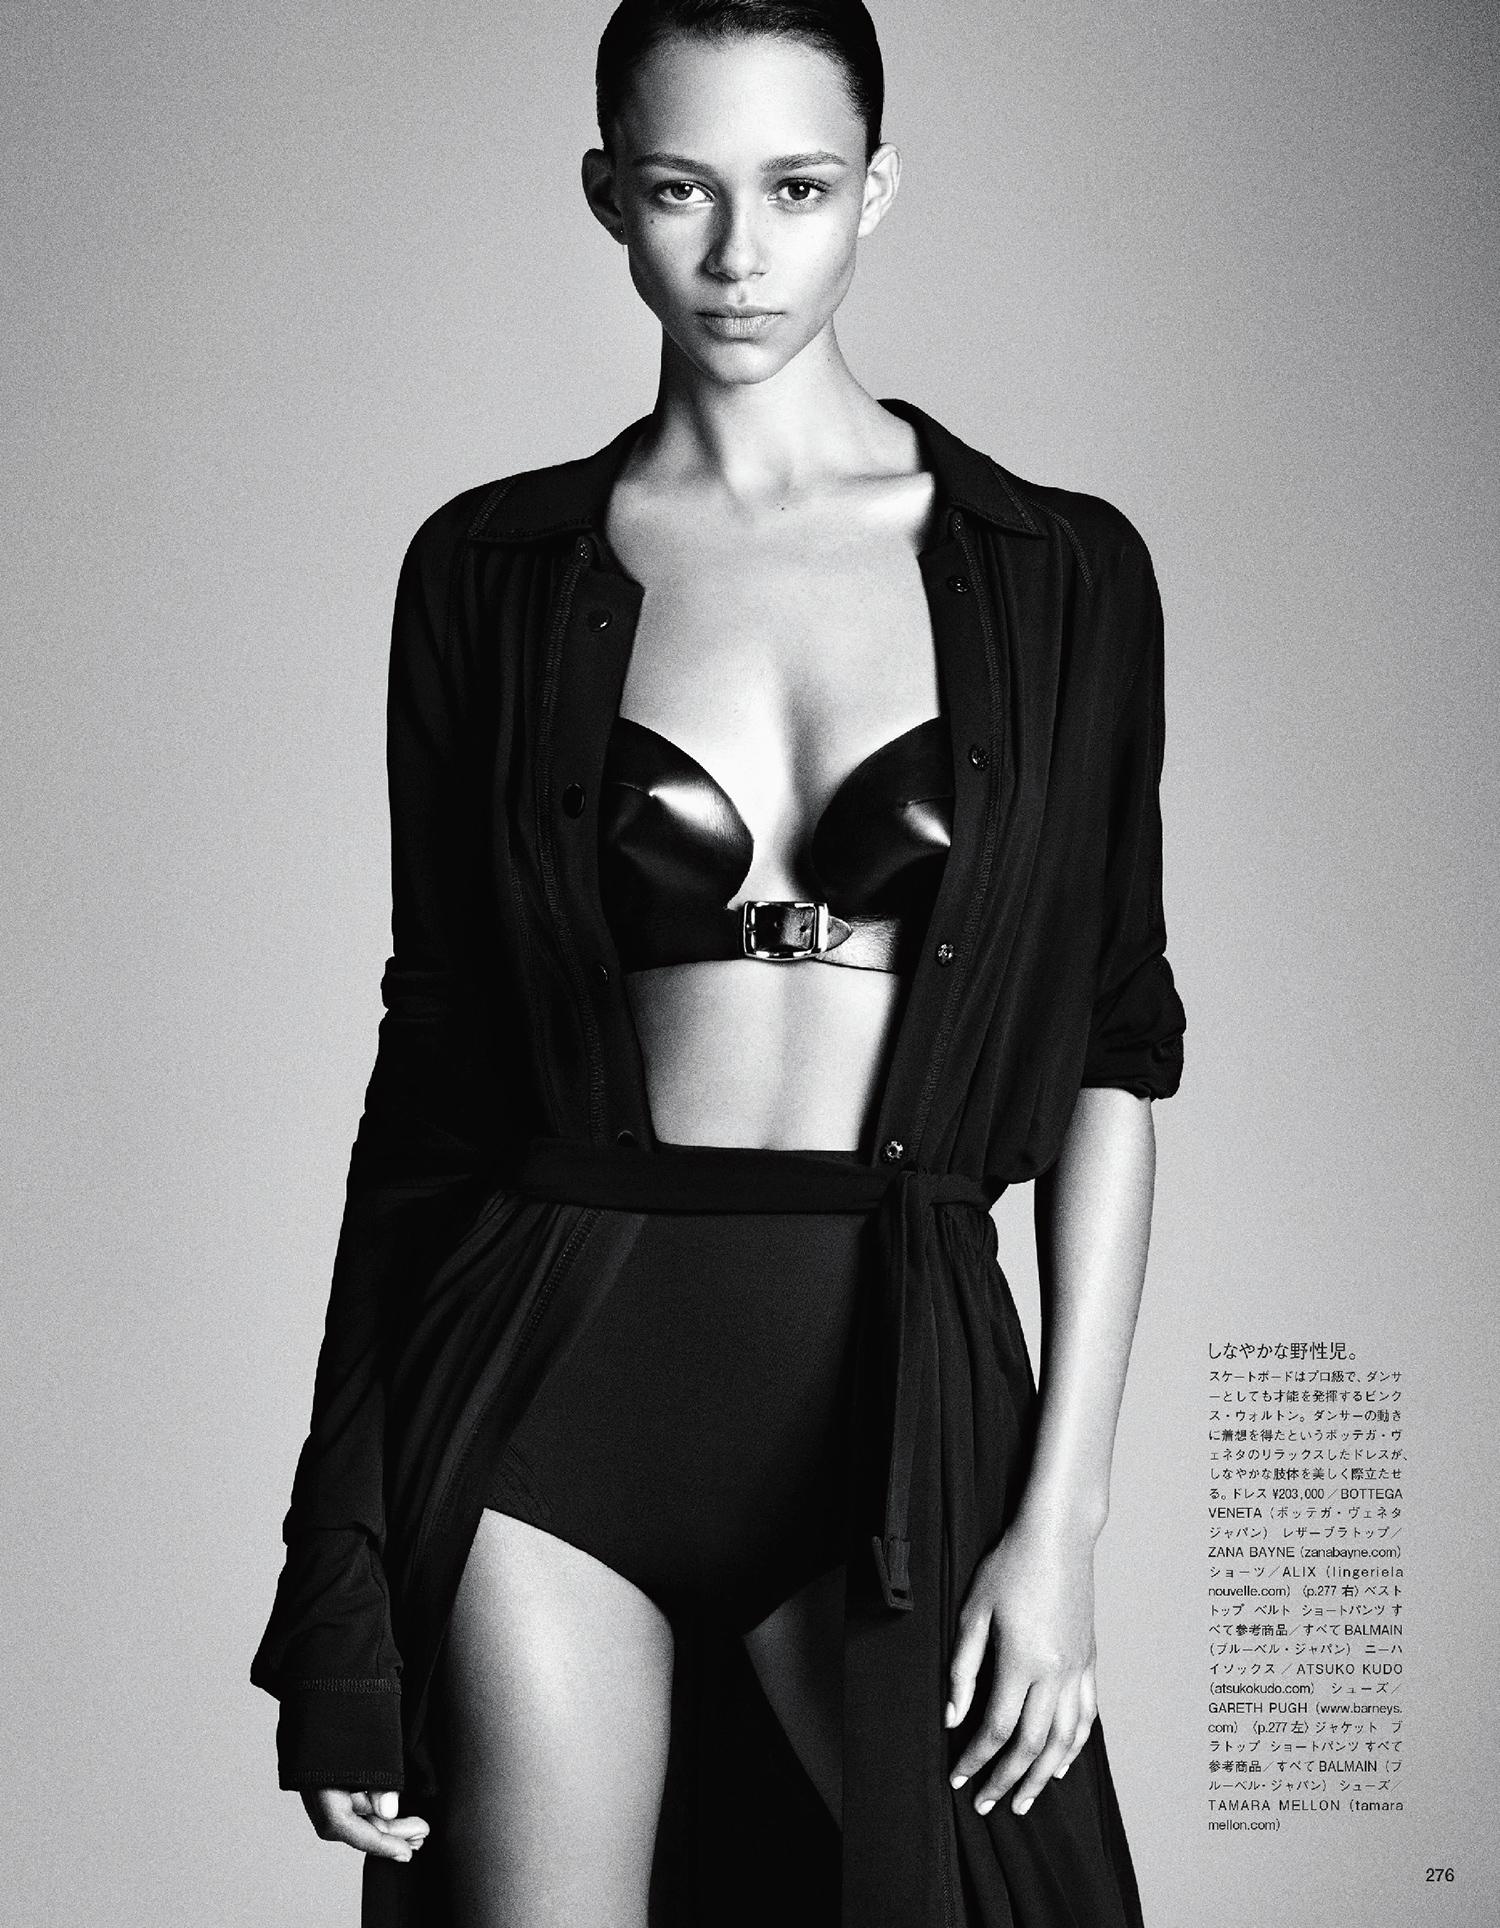 Giovanna-Battaglia-Vogue-Japan-March-2015-Digital-Generation-18.jpg